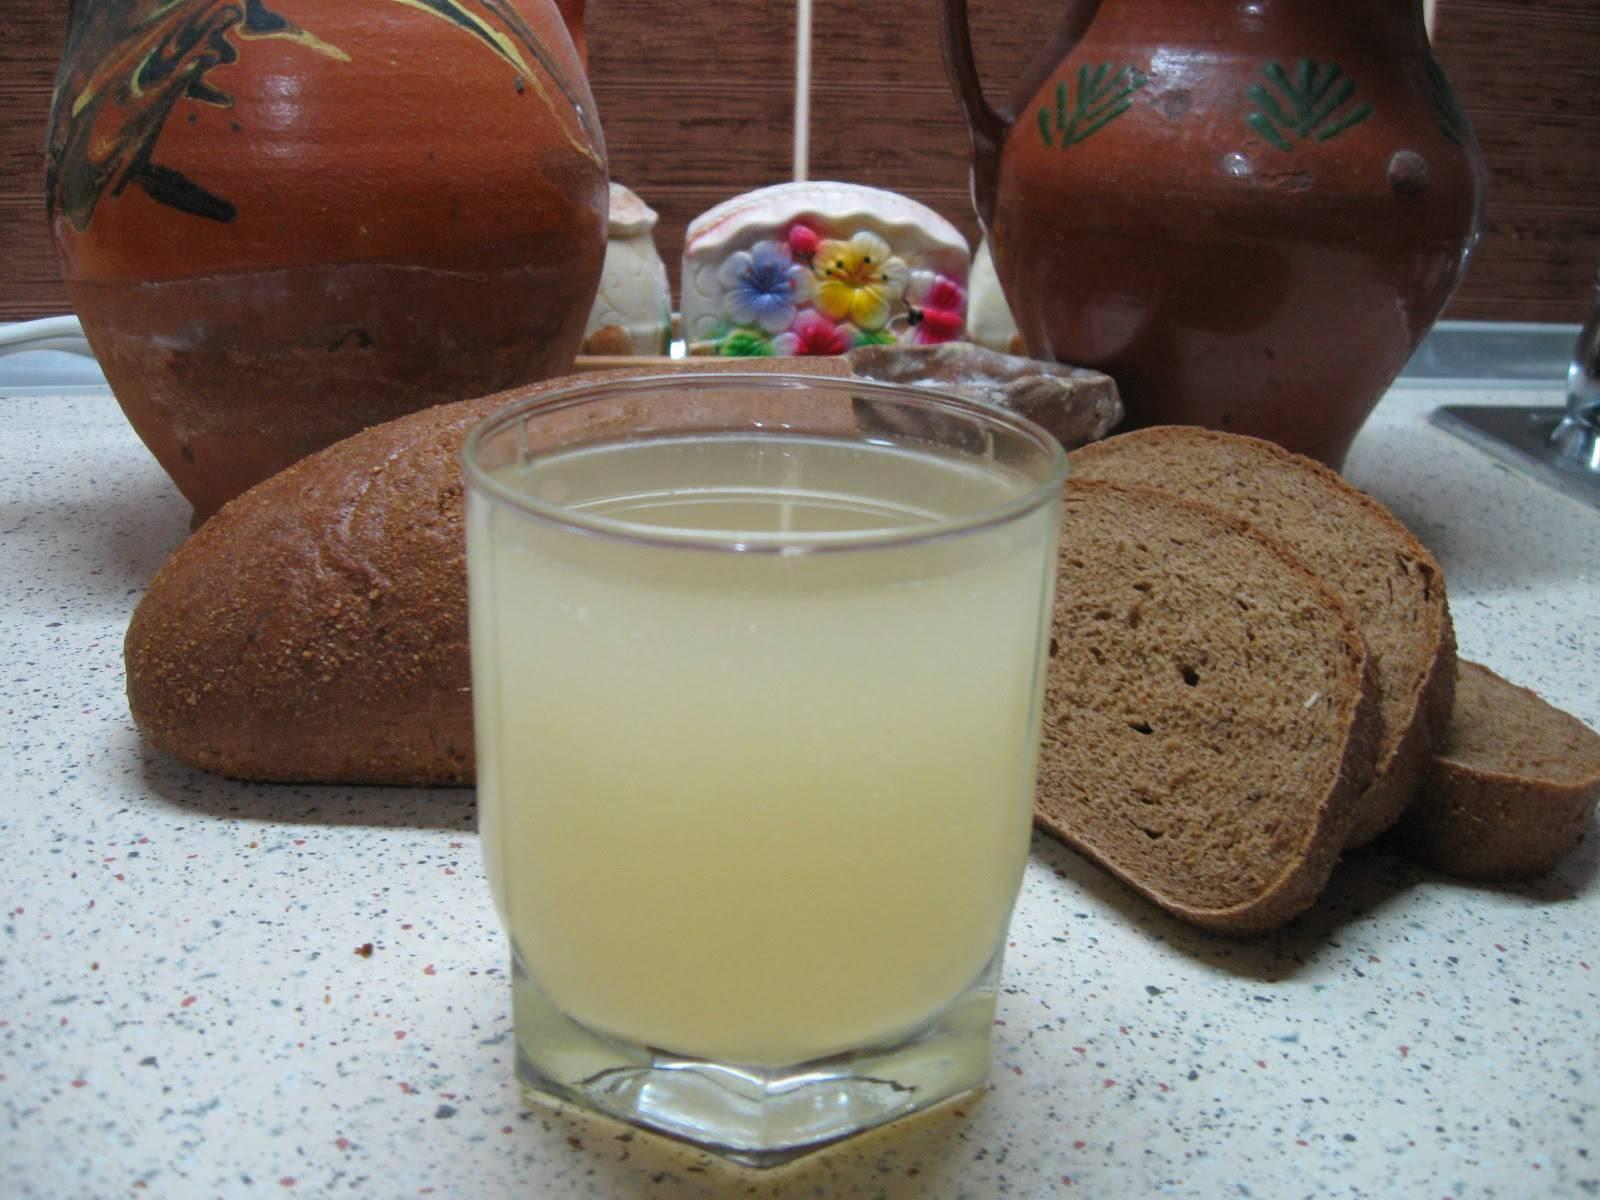 Квас из сусла в домашних условиях: рецепты приготовления традиционного русского напитка из квасного концентрата, плюсы и минусы полуфабриката